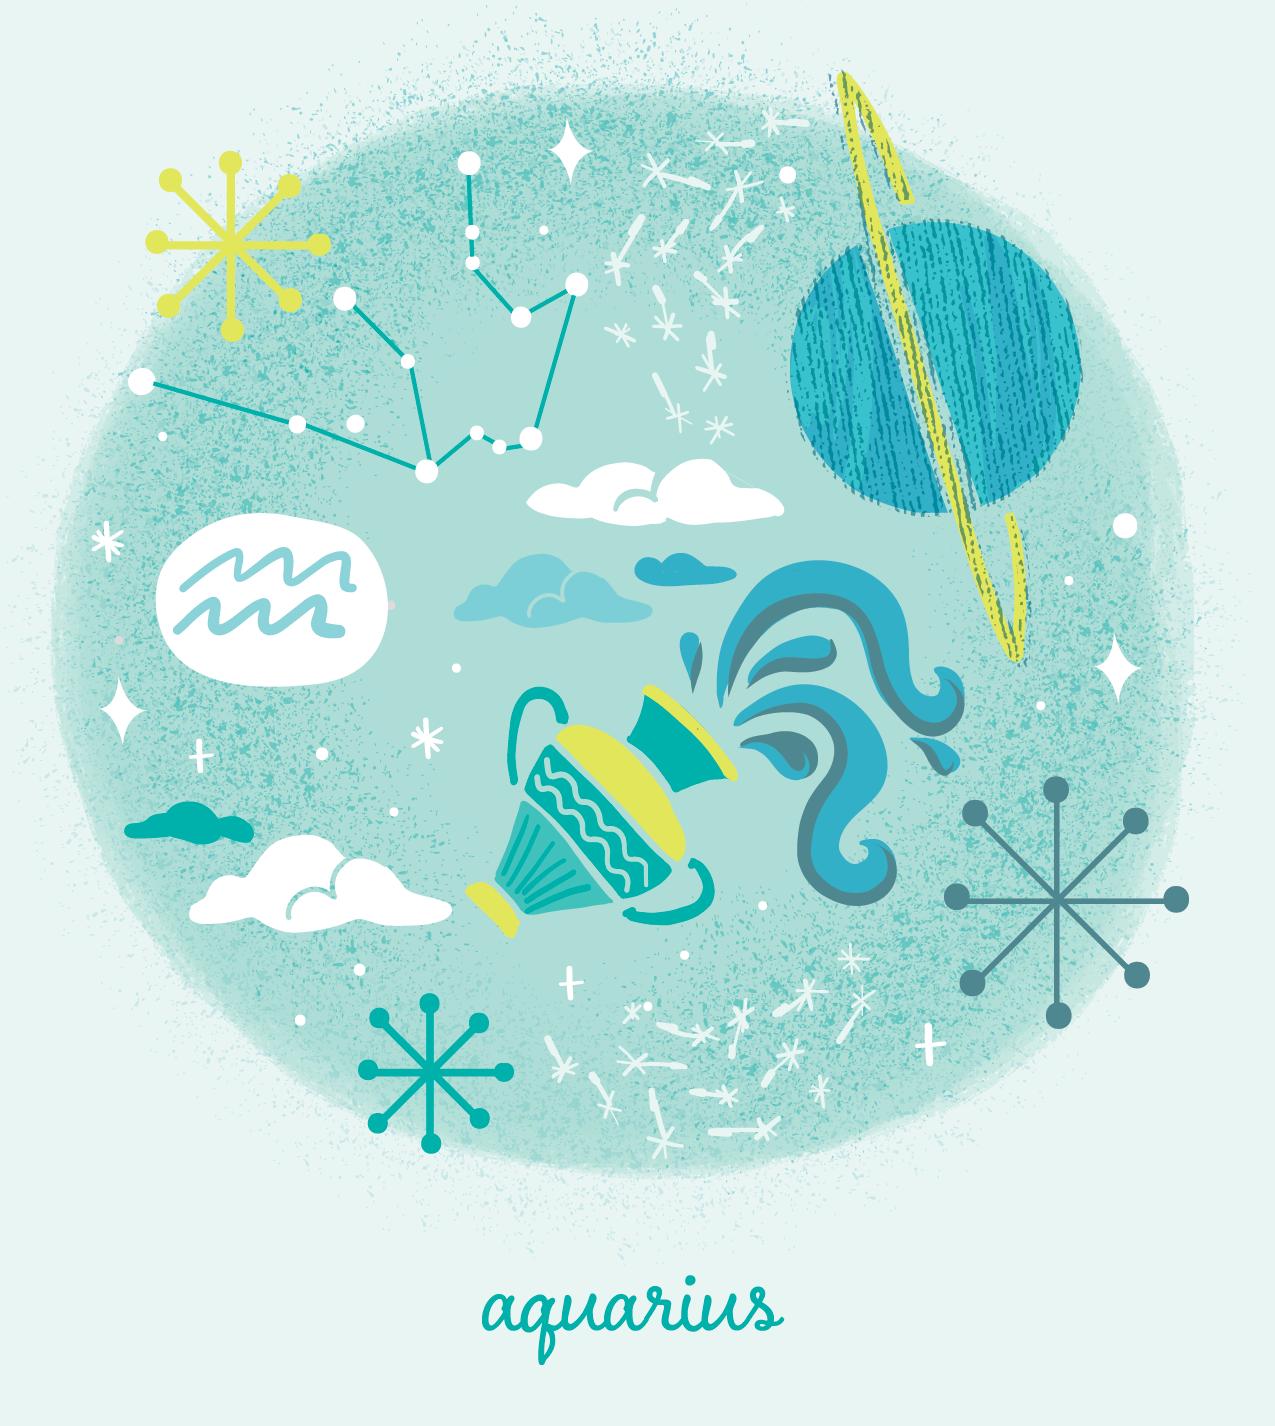 AquariusPrint-01.png